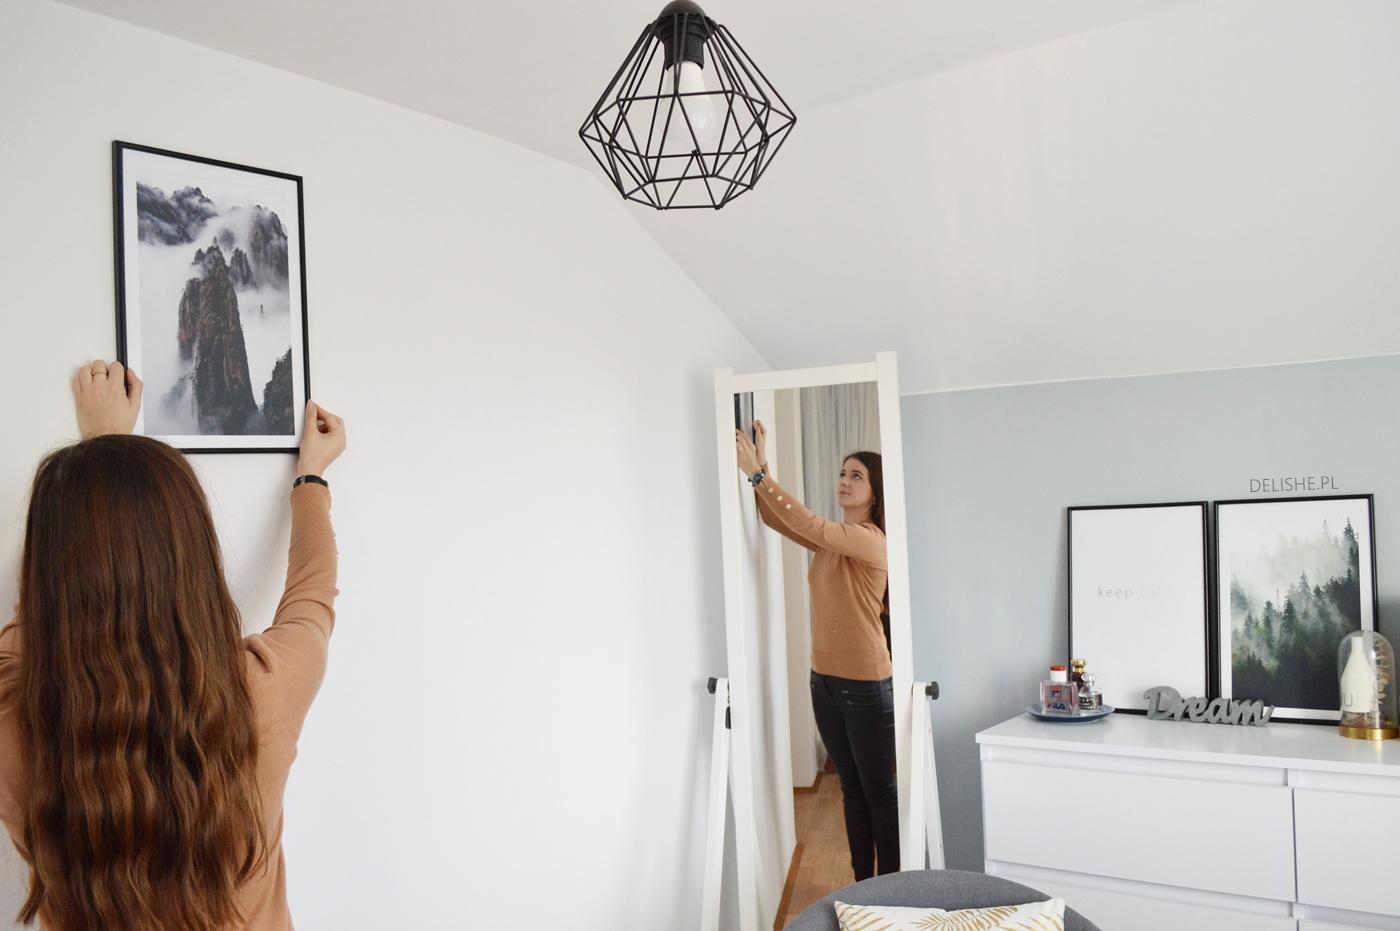 plakaty, aby zmienić swoje wnętrze minimalizm